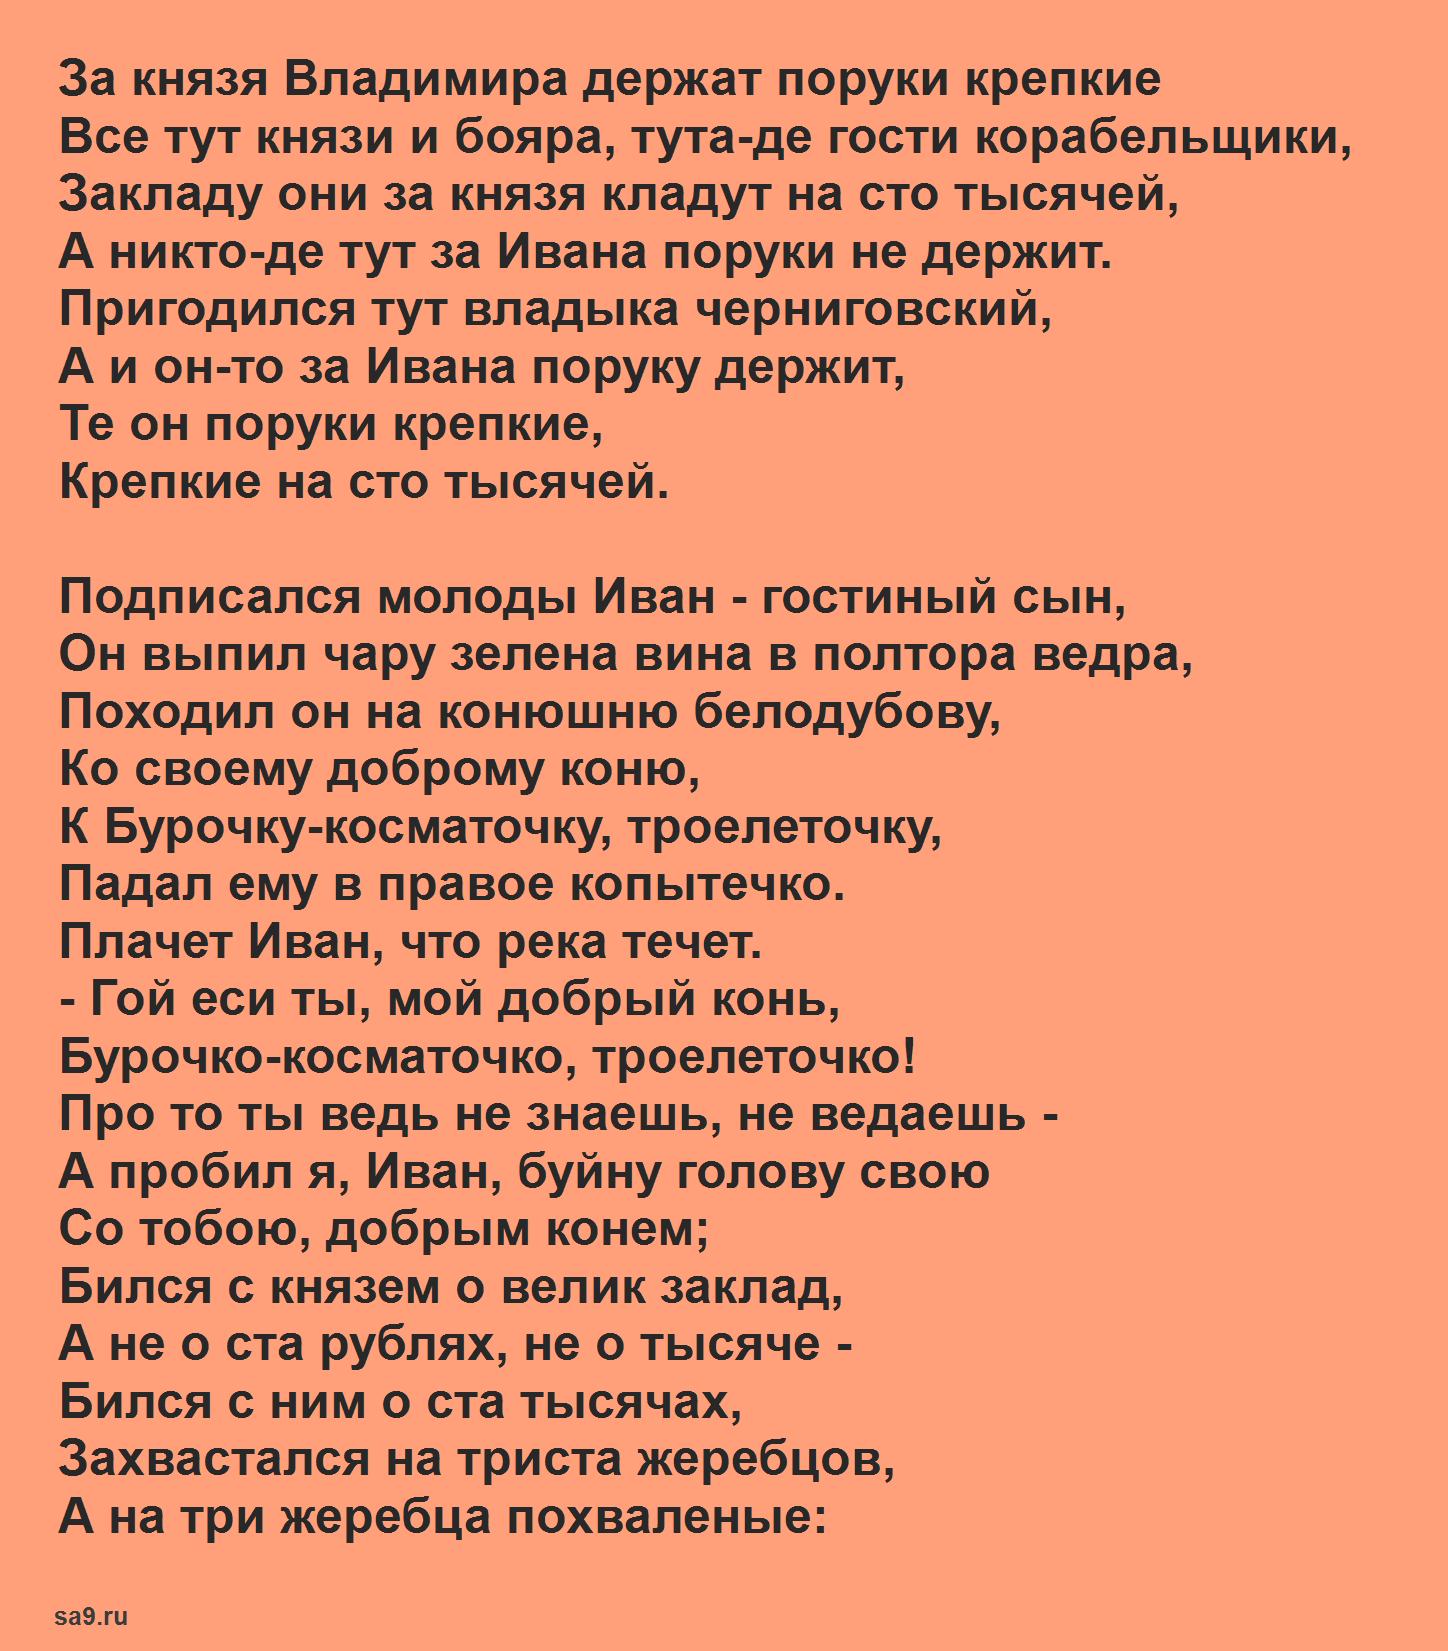 Читать русскую народную былину - Иван гостиный сын